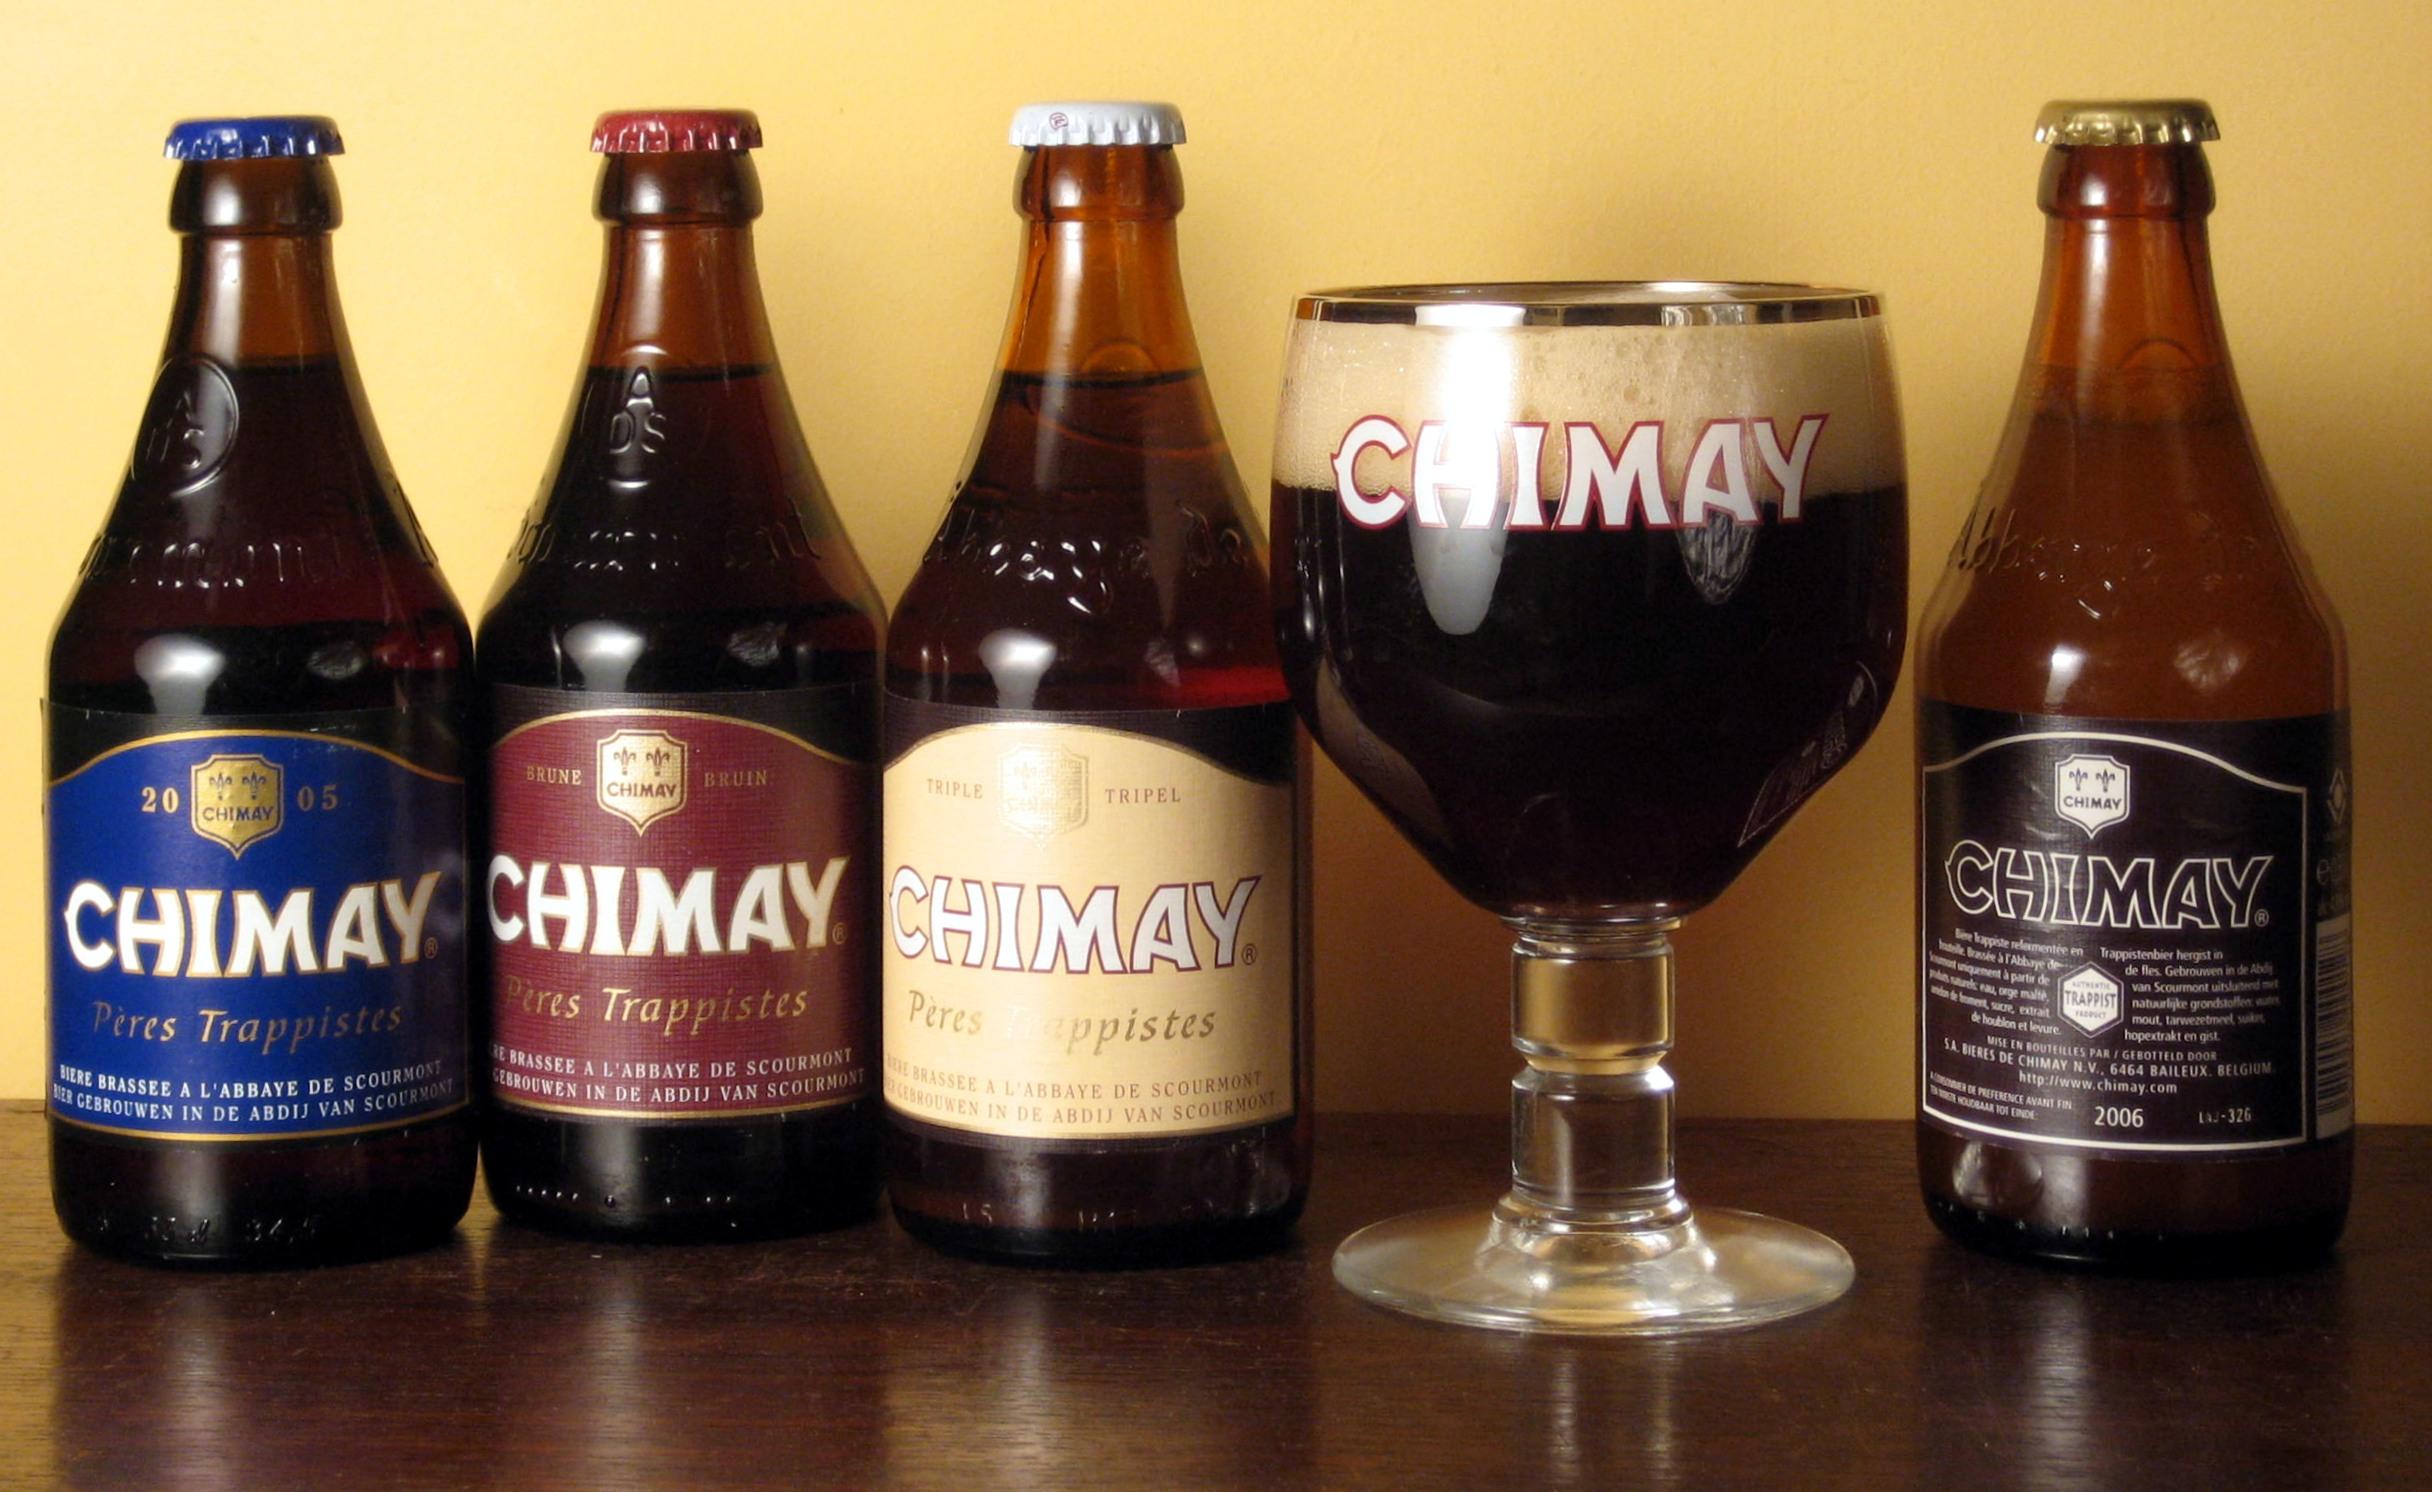 Chimays.jpg